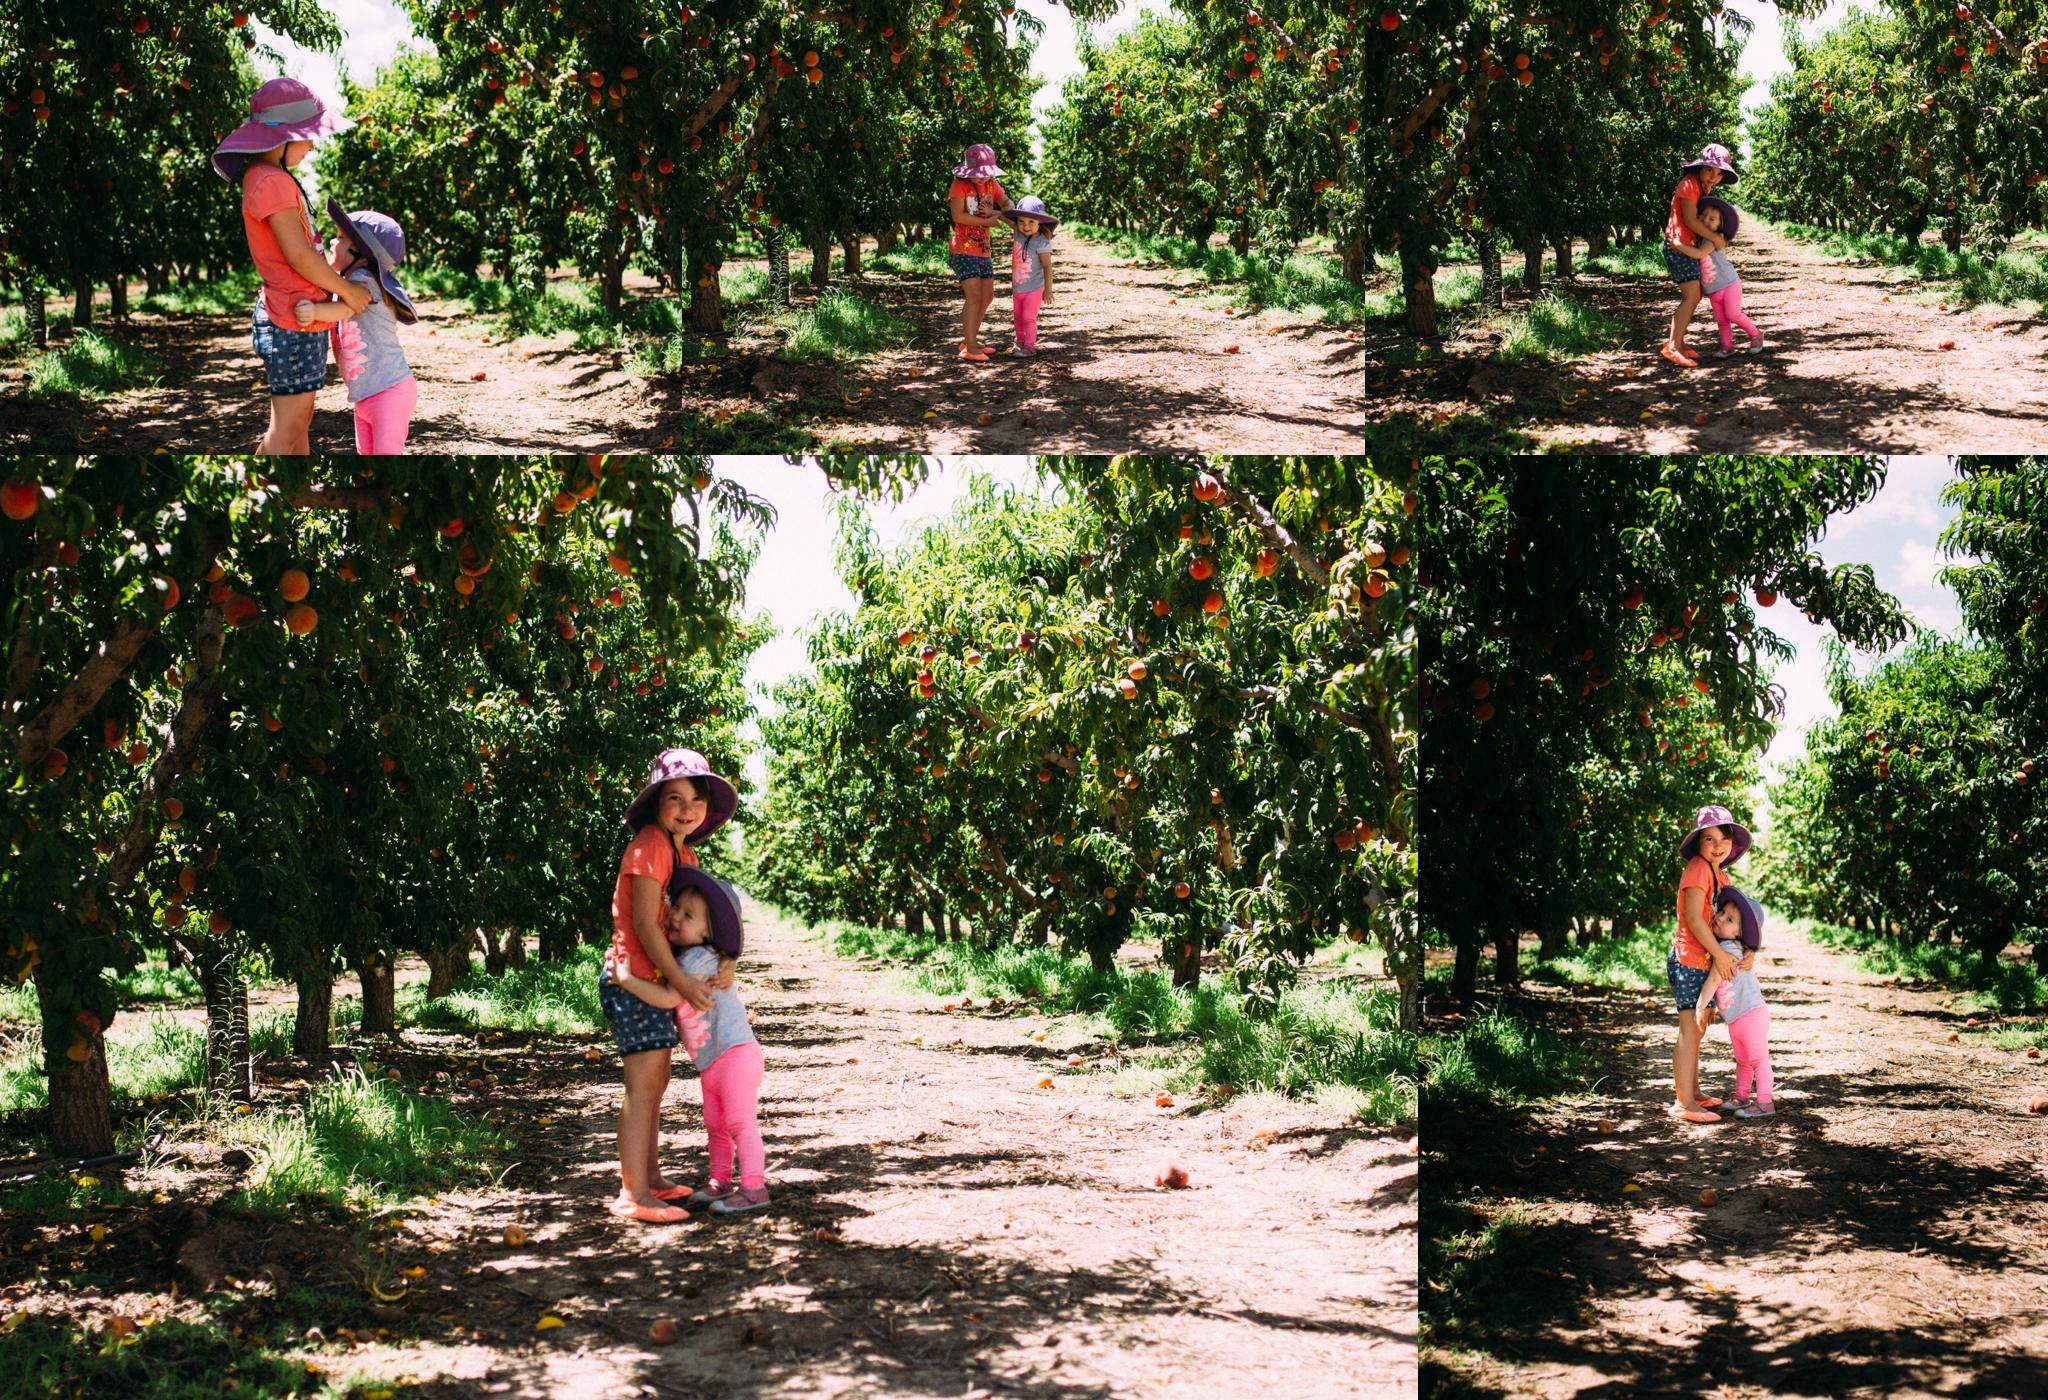 AppleAnnies_0013.jpg